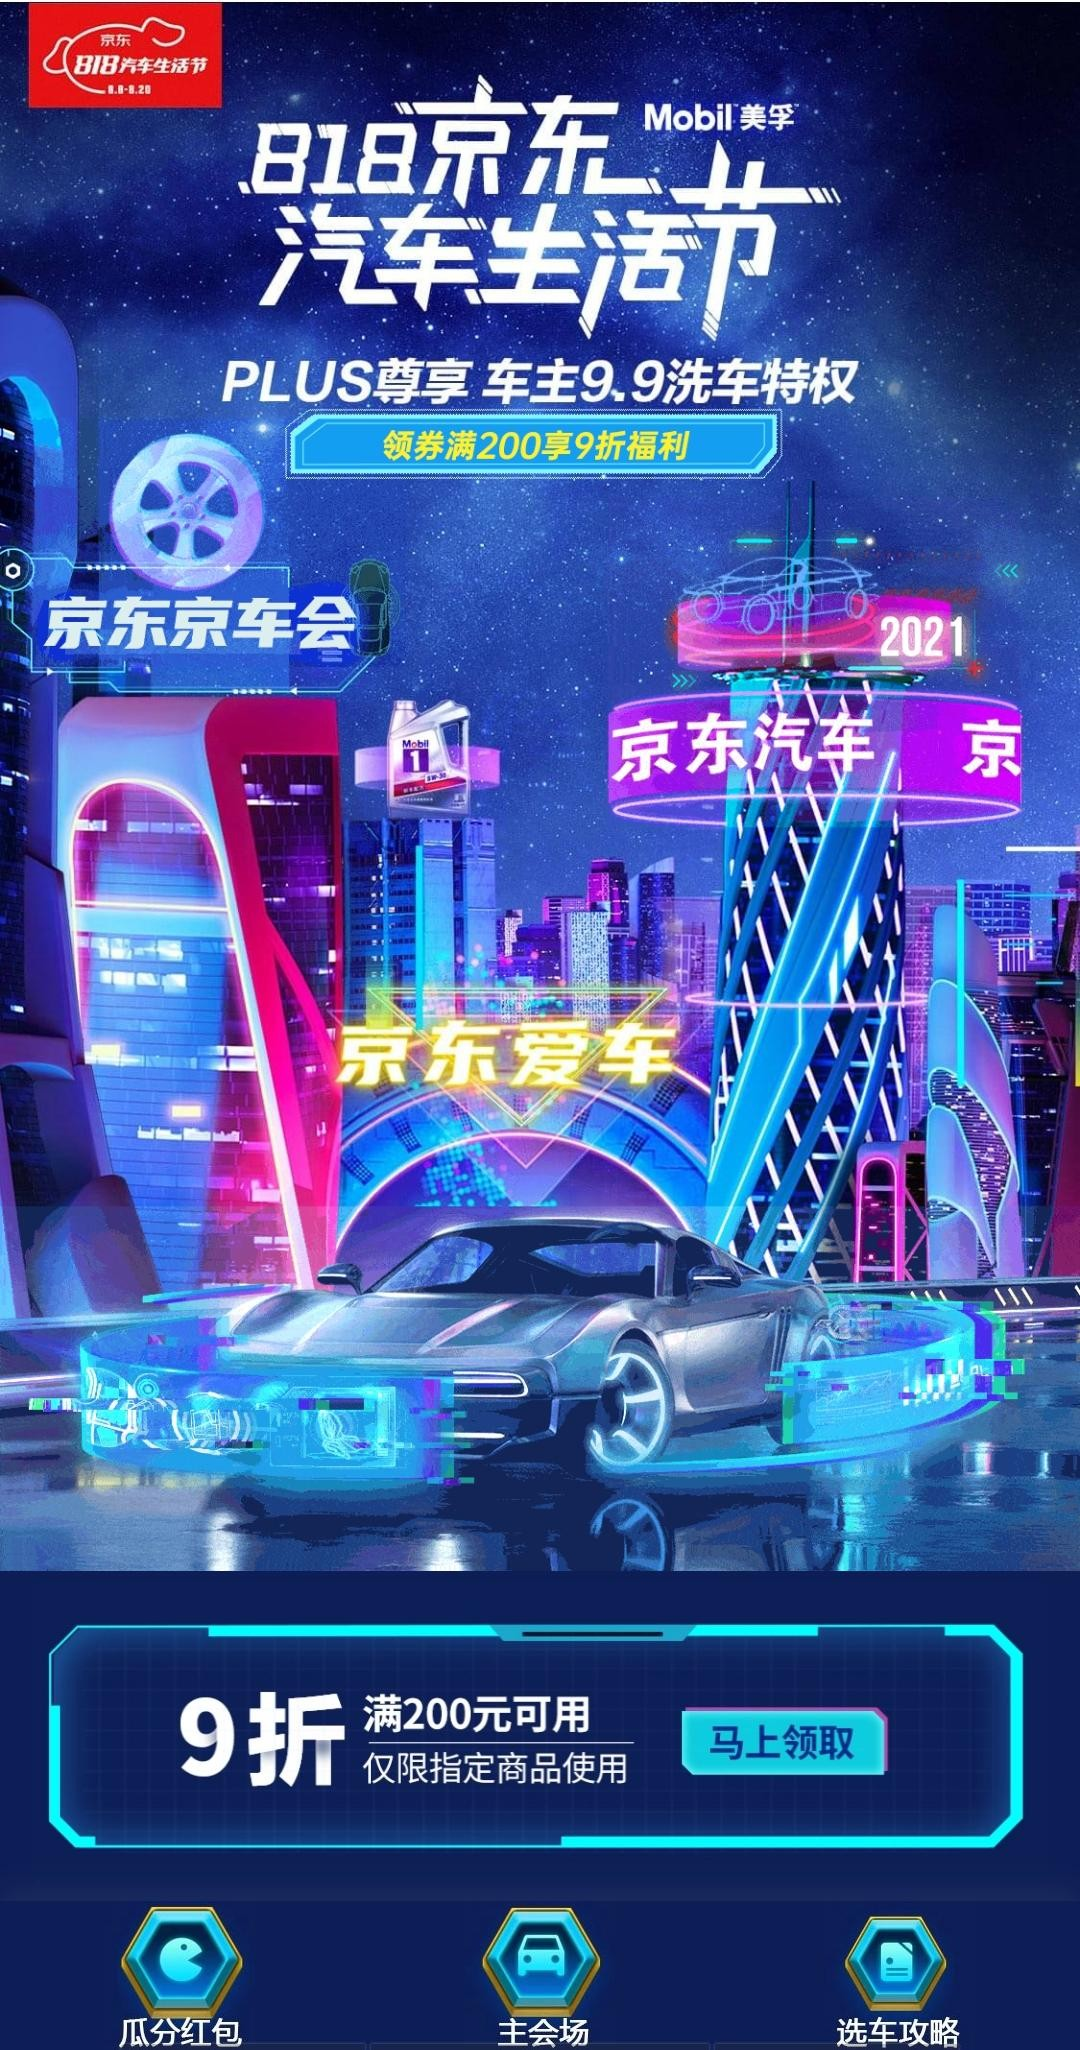 全链条产品覆盖 首届818京东汽车生活节打造车圈消费嘉年华